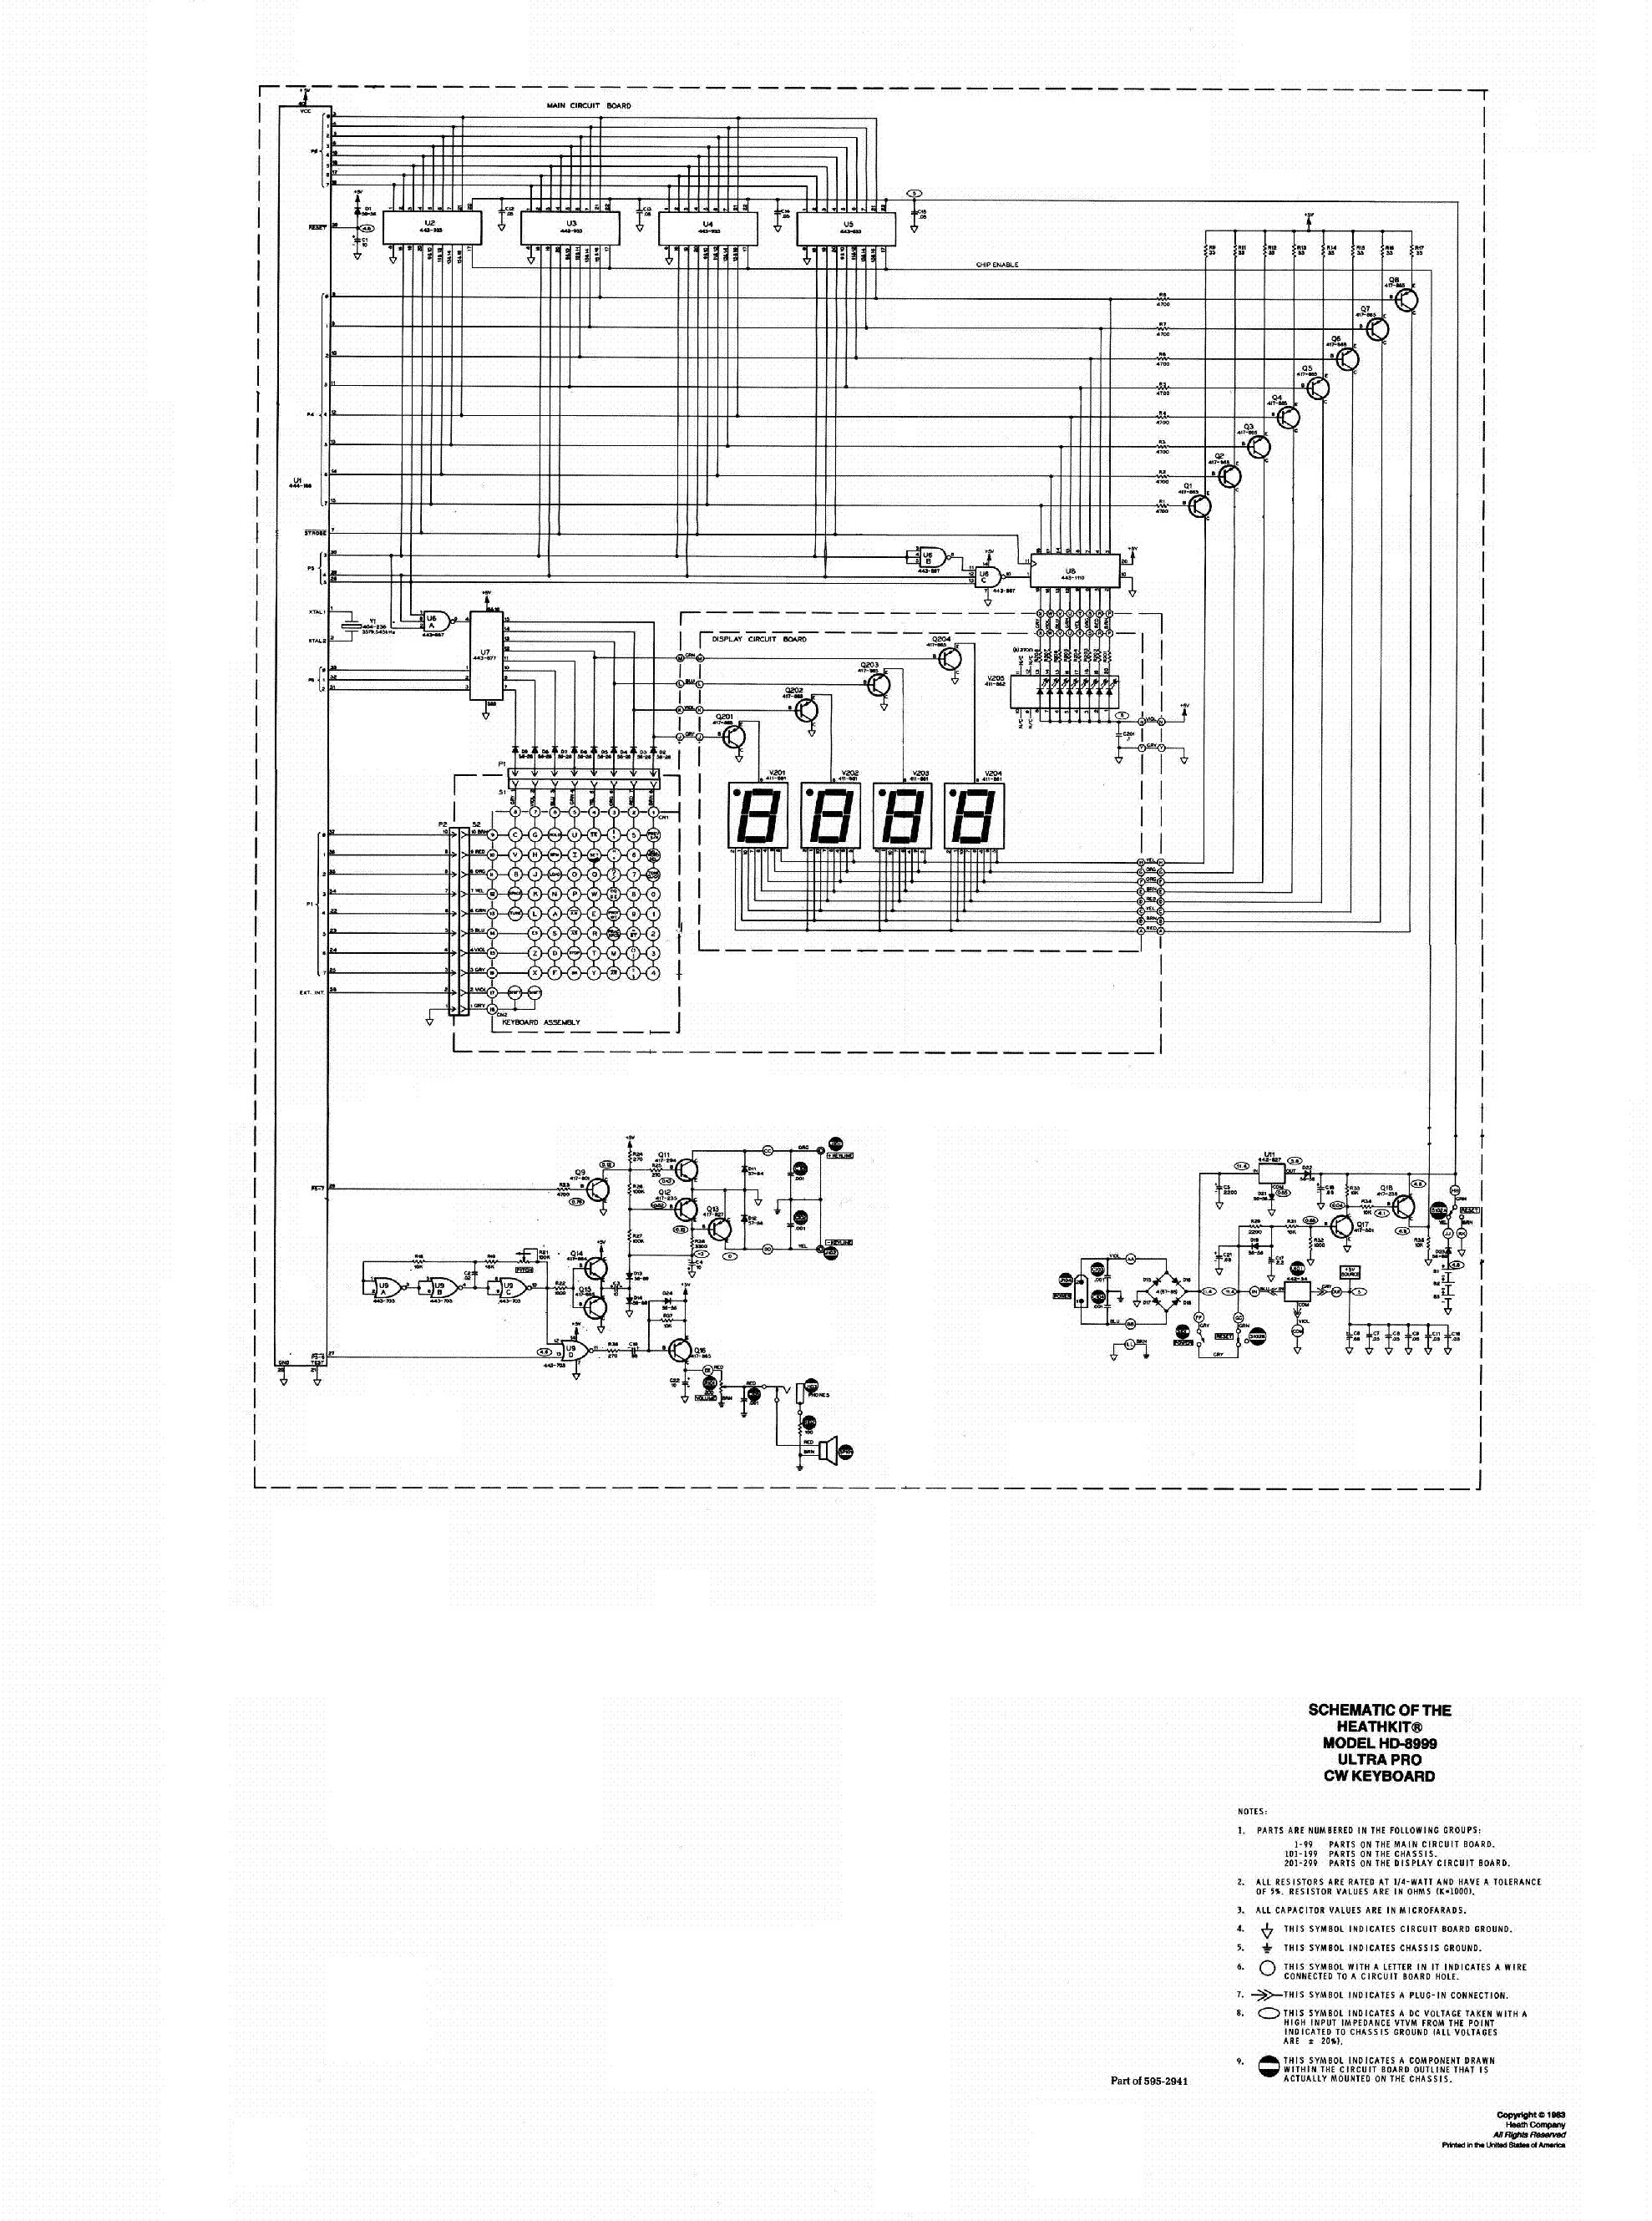 Heathkit Dx 60 Sch Service Manual Download Schematics